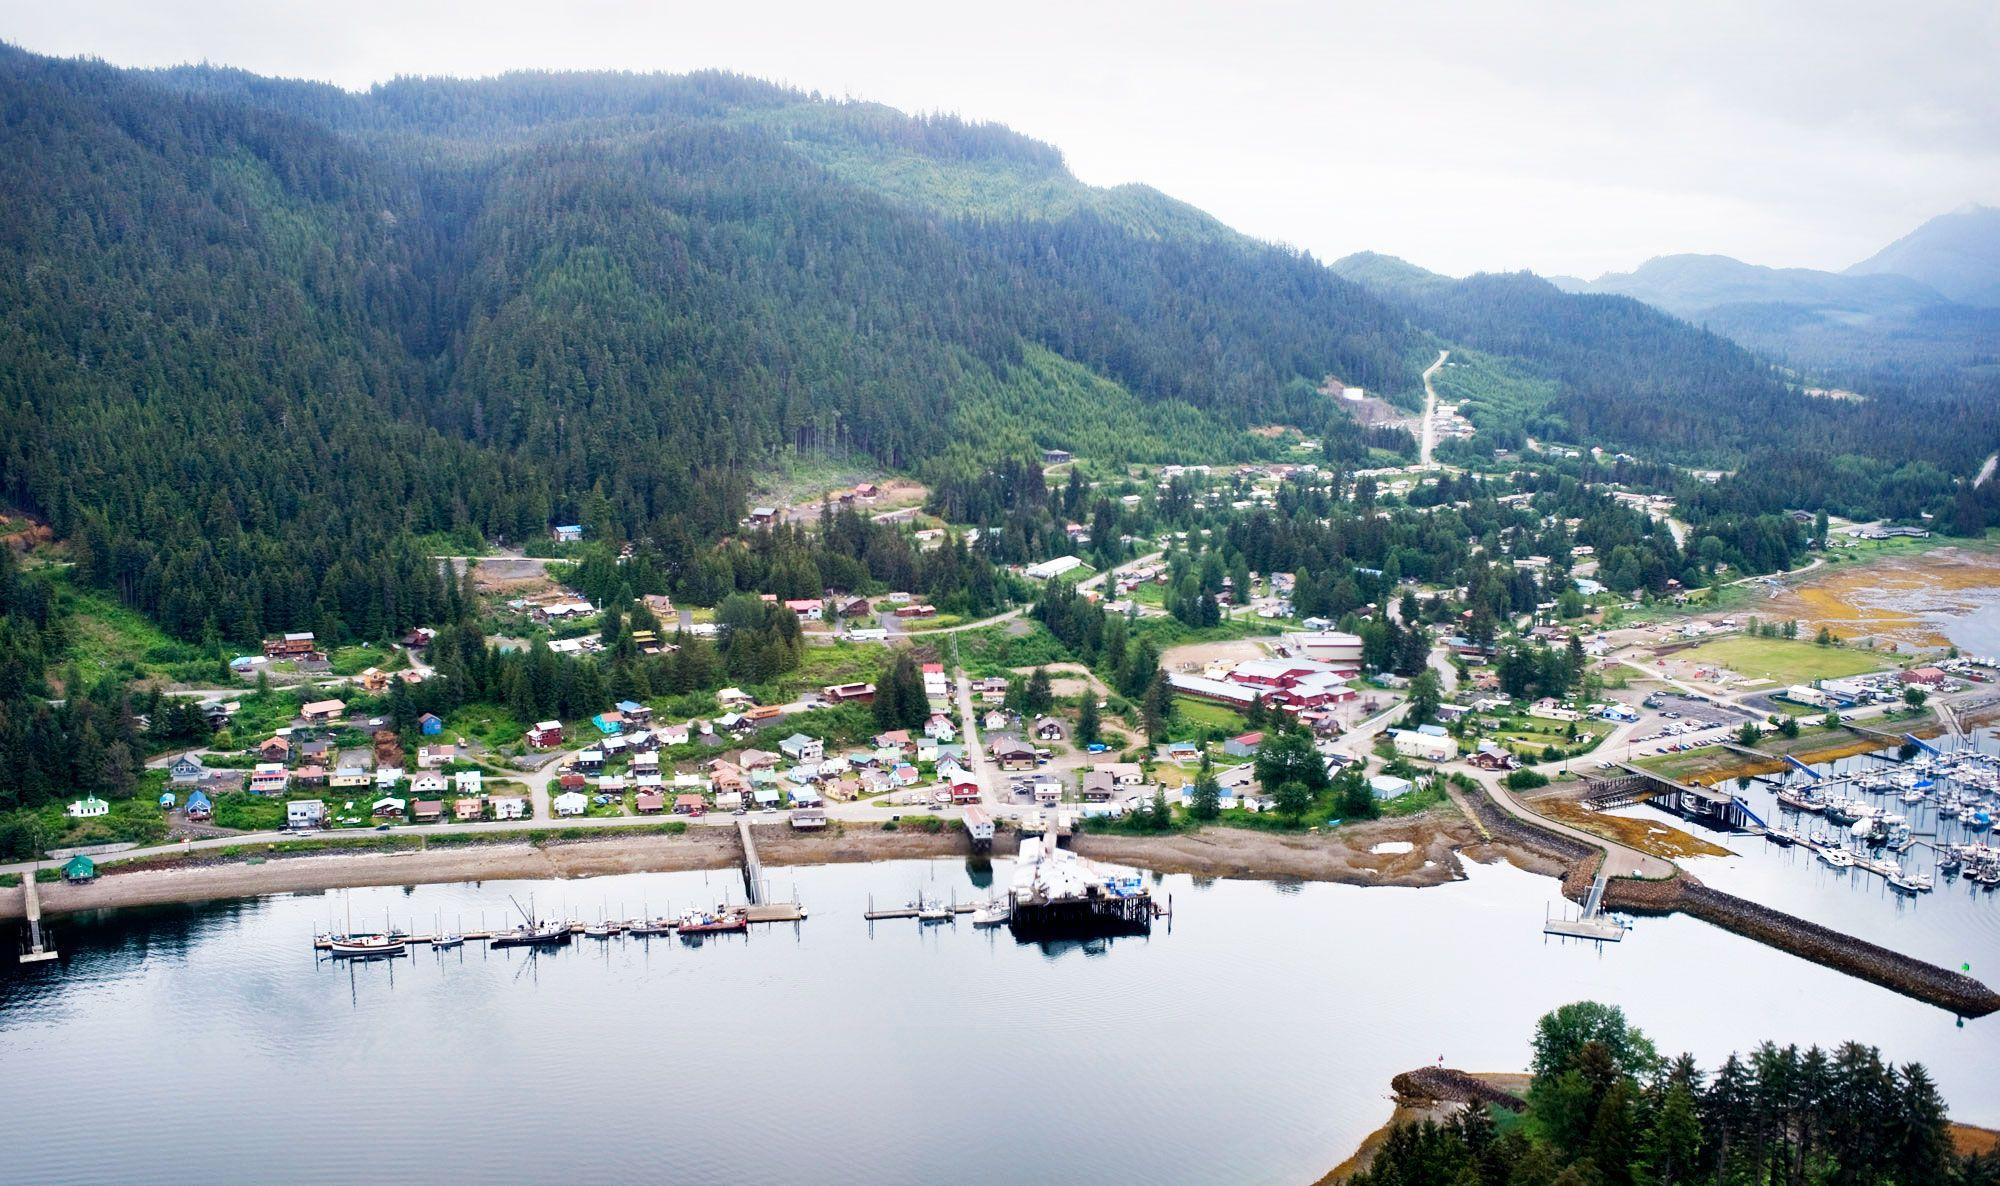 衛星インターネット激戦区 アラスカが注目される理由